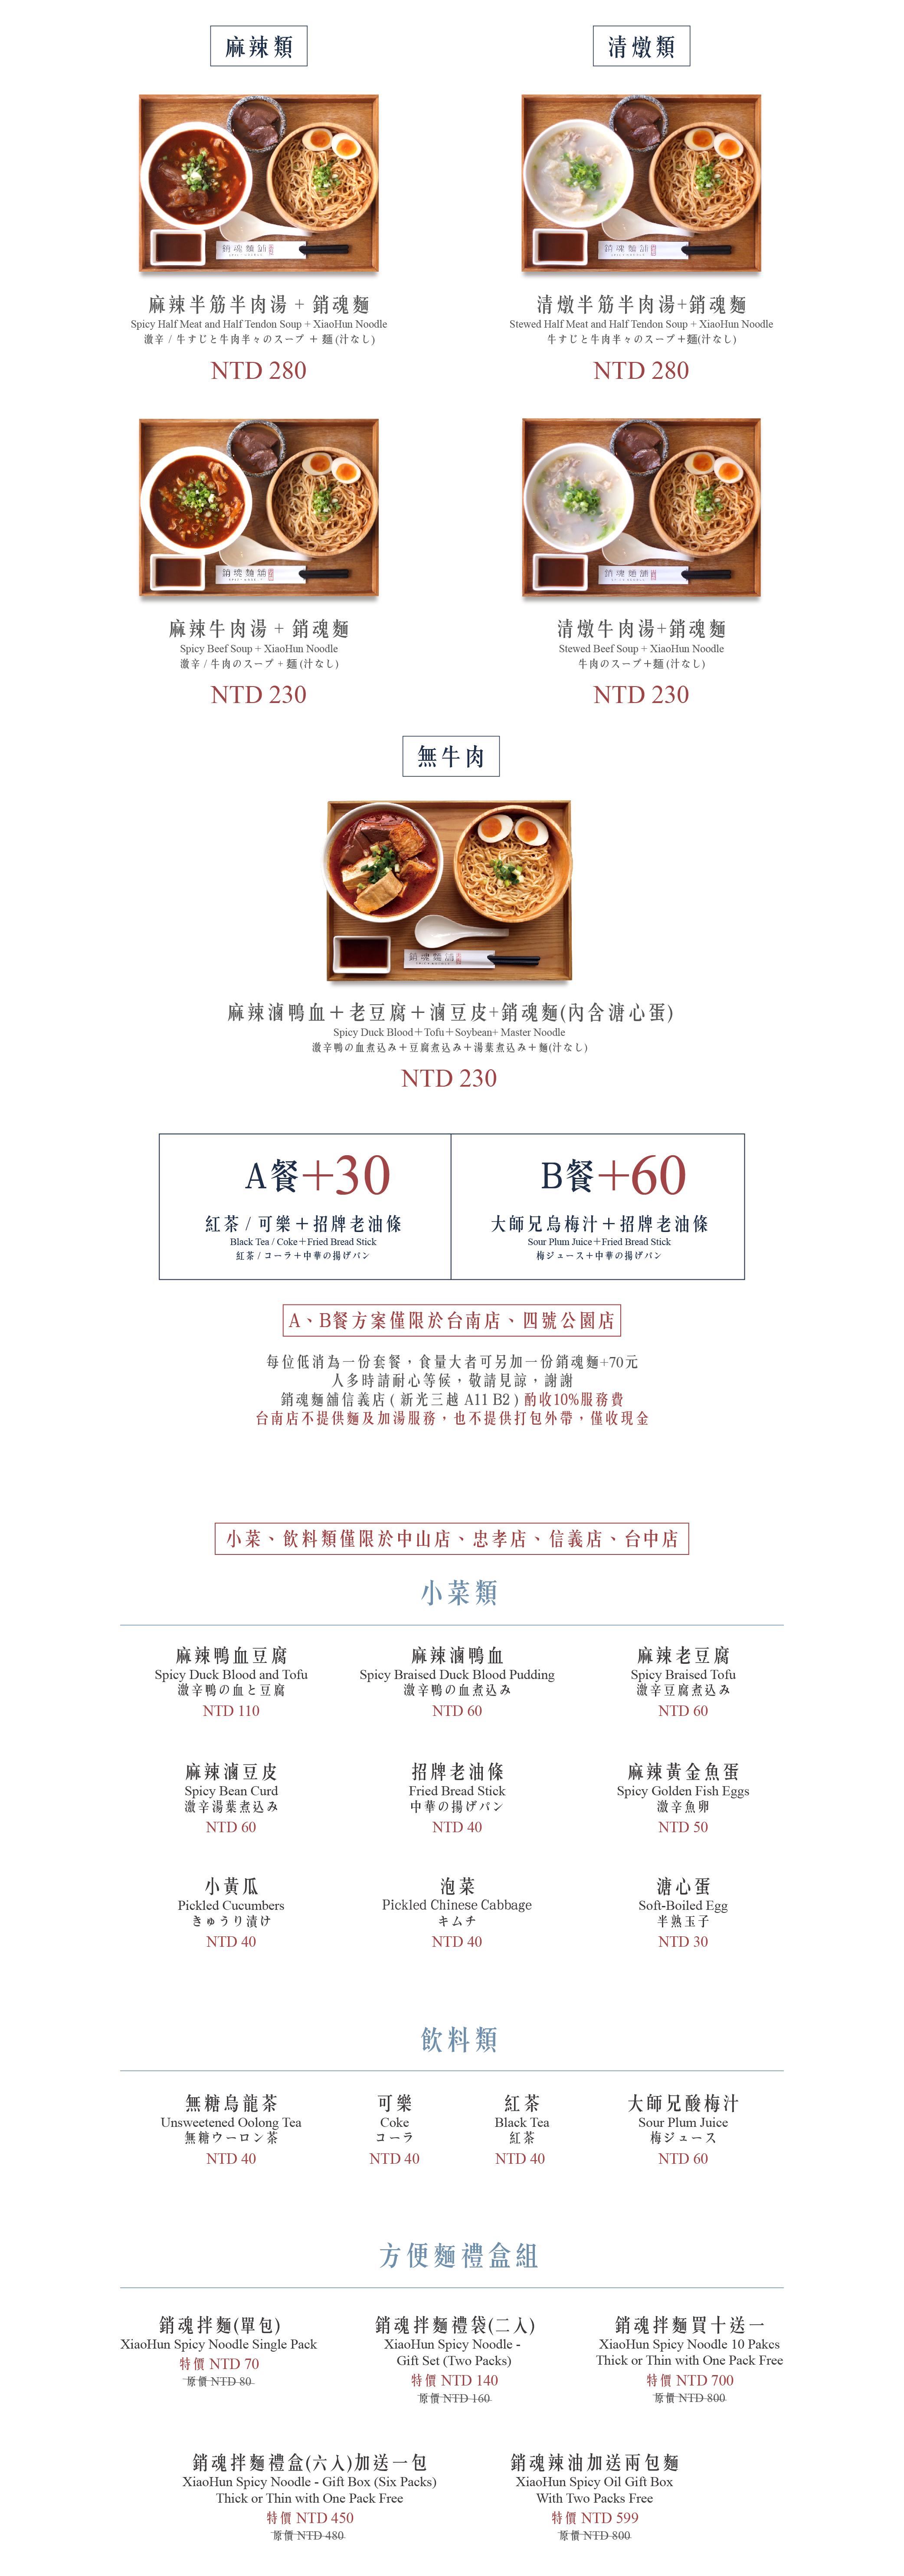 大師兄銷魂麵舖 銷魂辣油 銷魂麵舖菜單 無牛肉 麻辣 清燉 小菜